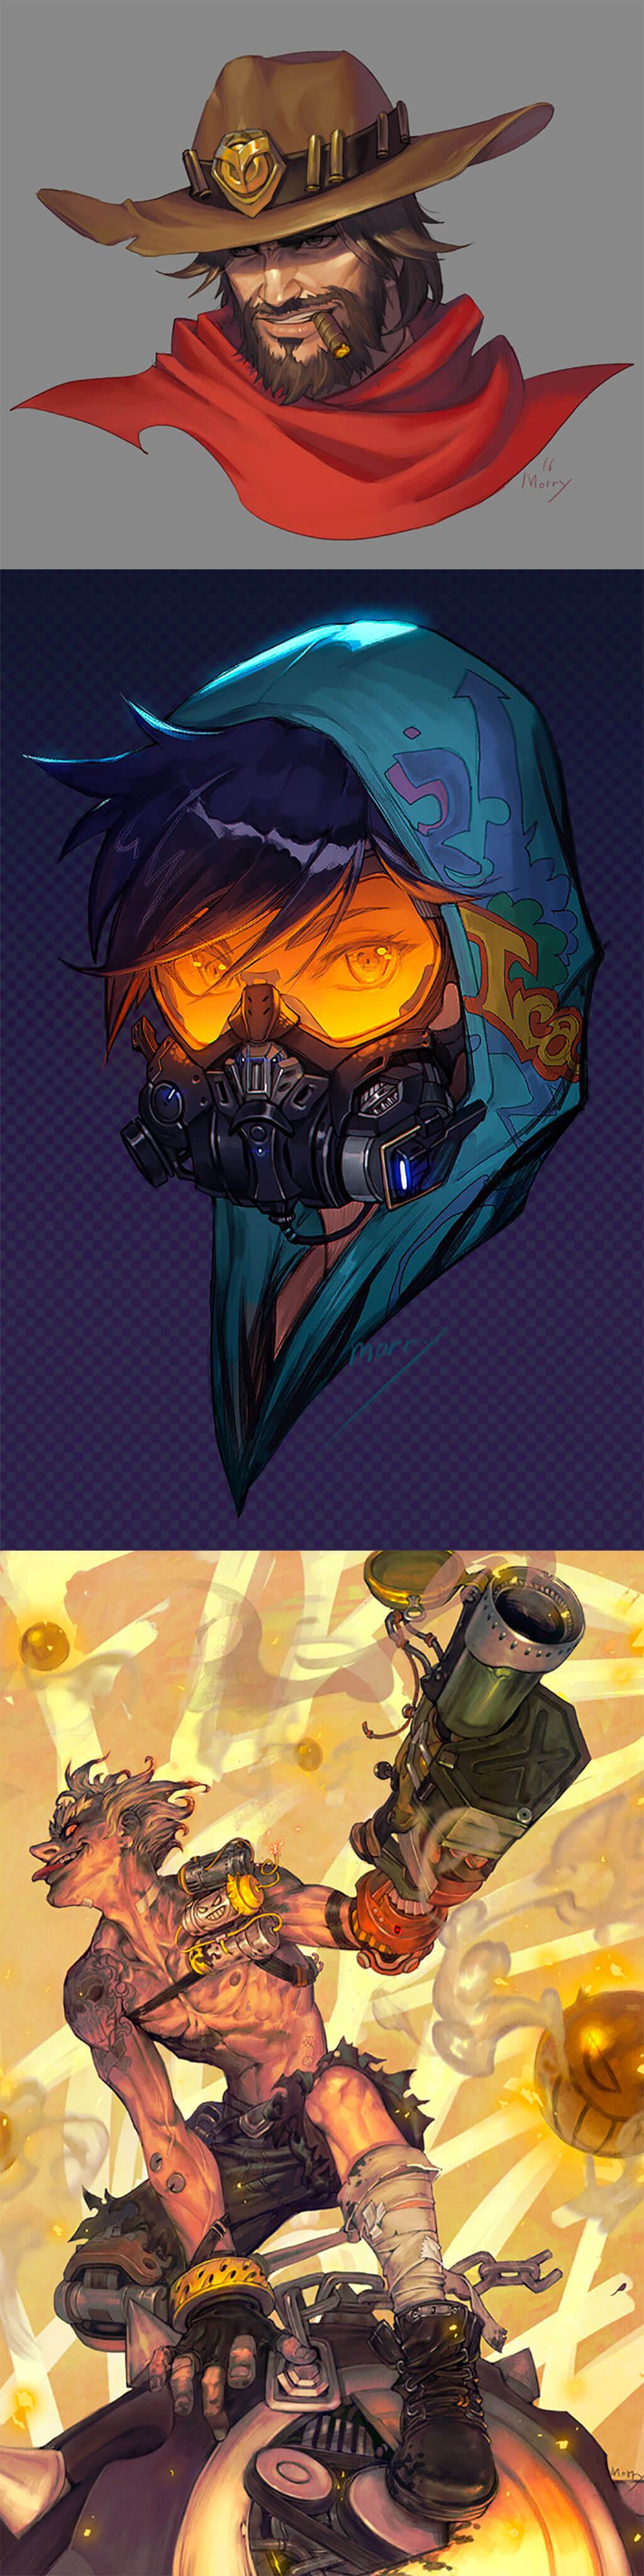 Overwatch Fan Art by Morry